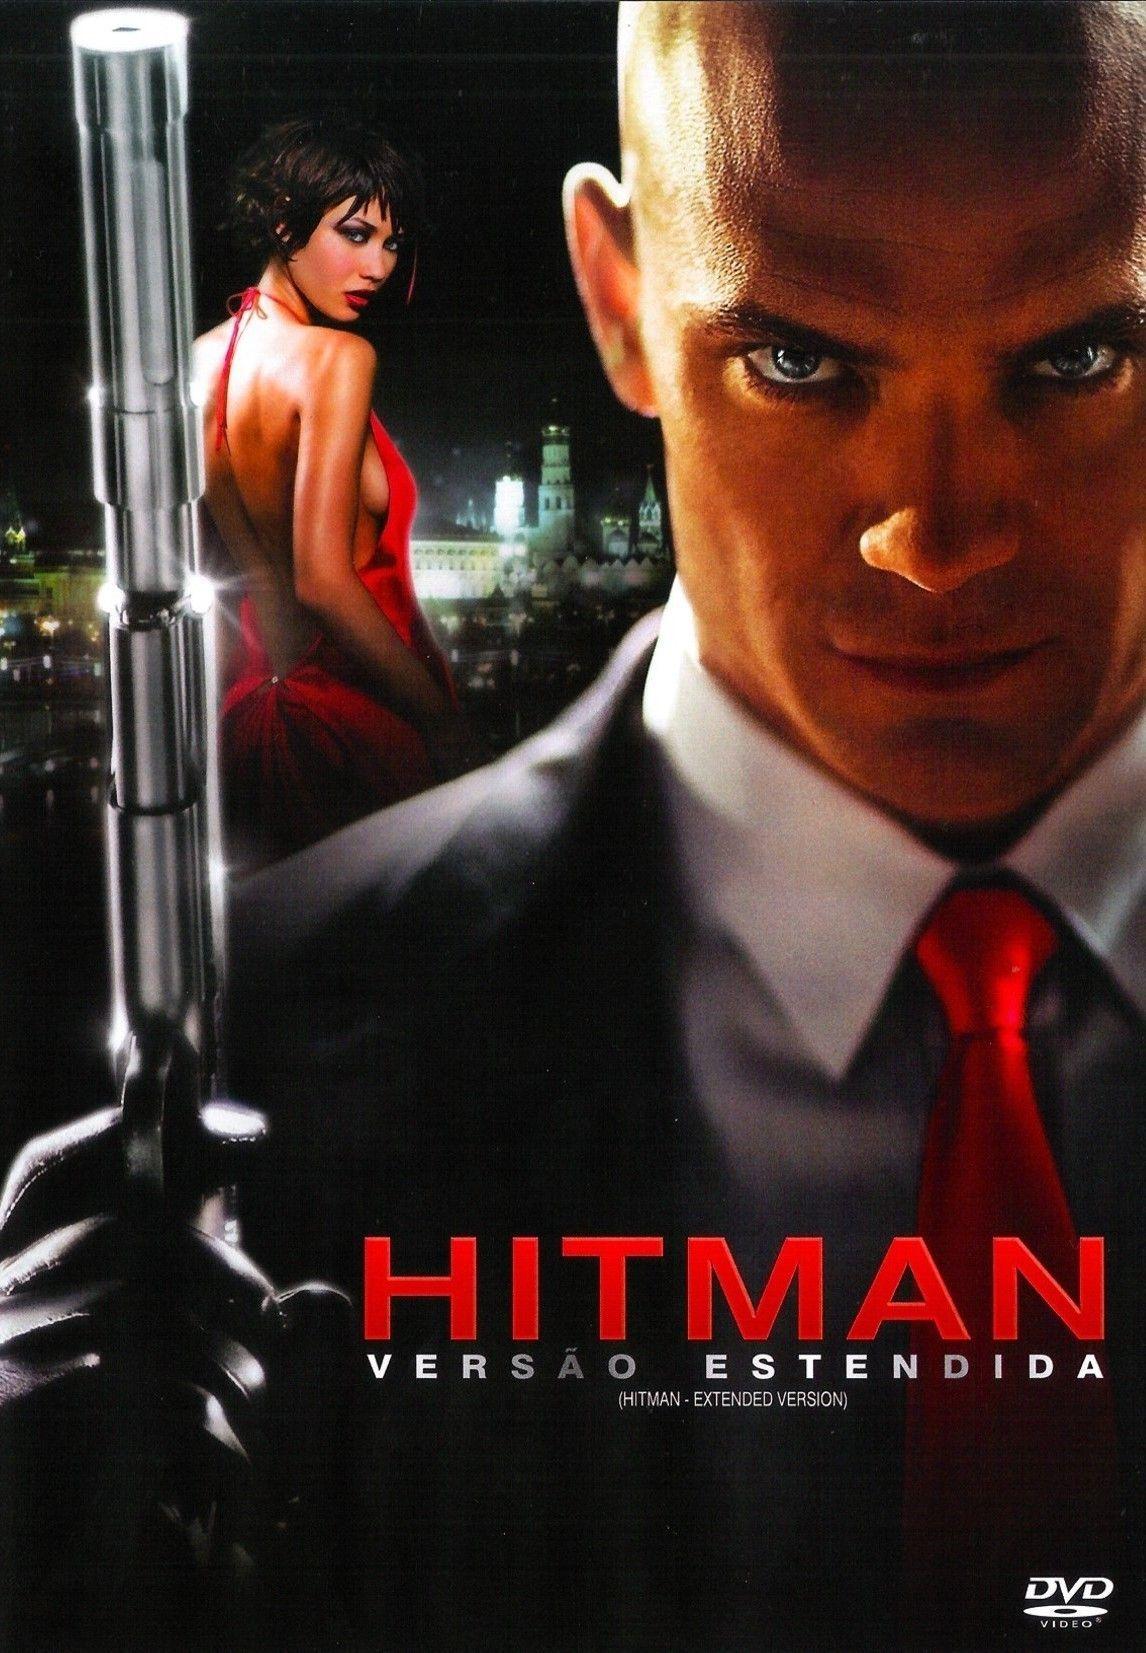 Hitman Agente 47 Hitman Movie Streaming Movies Action Movies